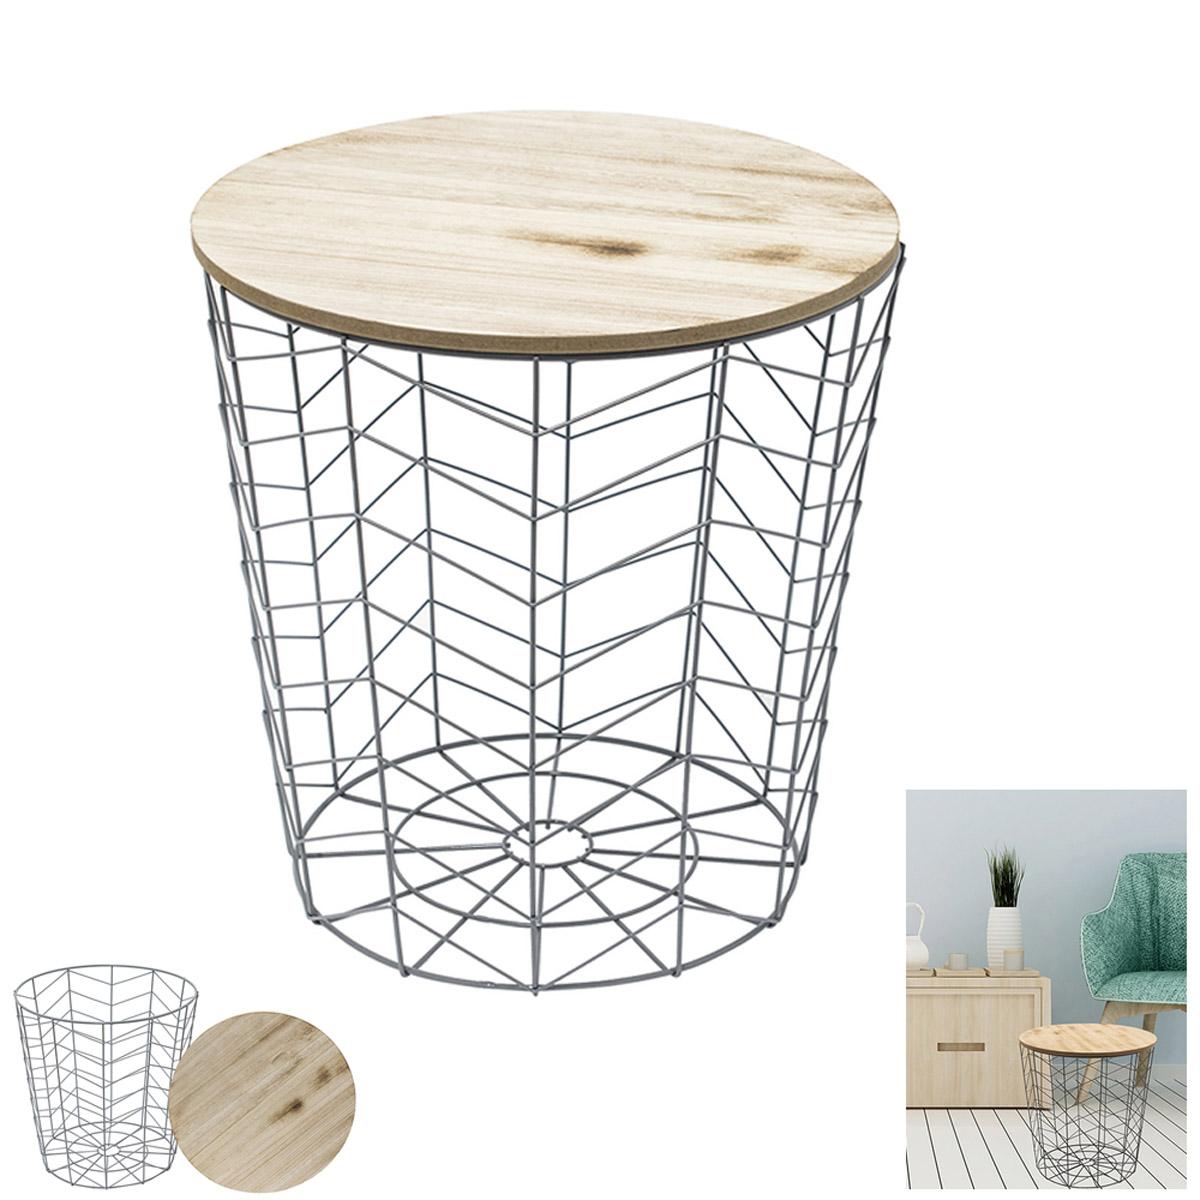 Table filaire bois métal \'Boho\' gris beige - 40x385 cm - [R2401]